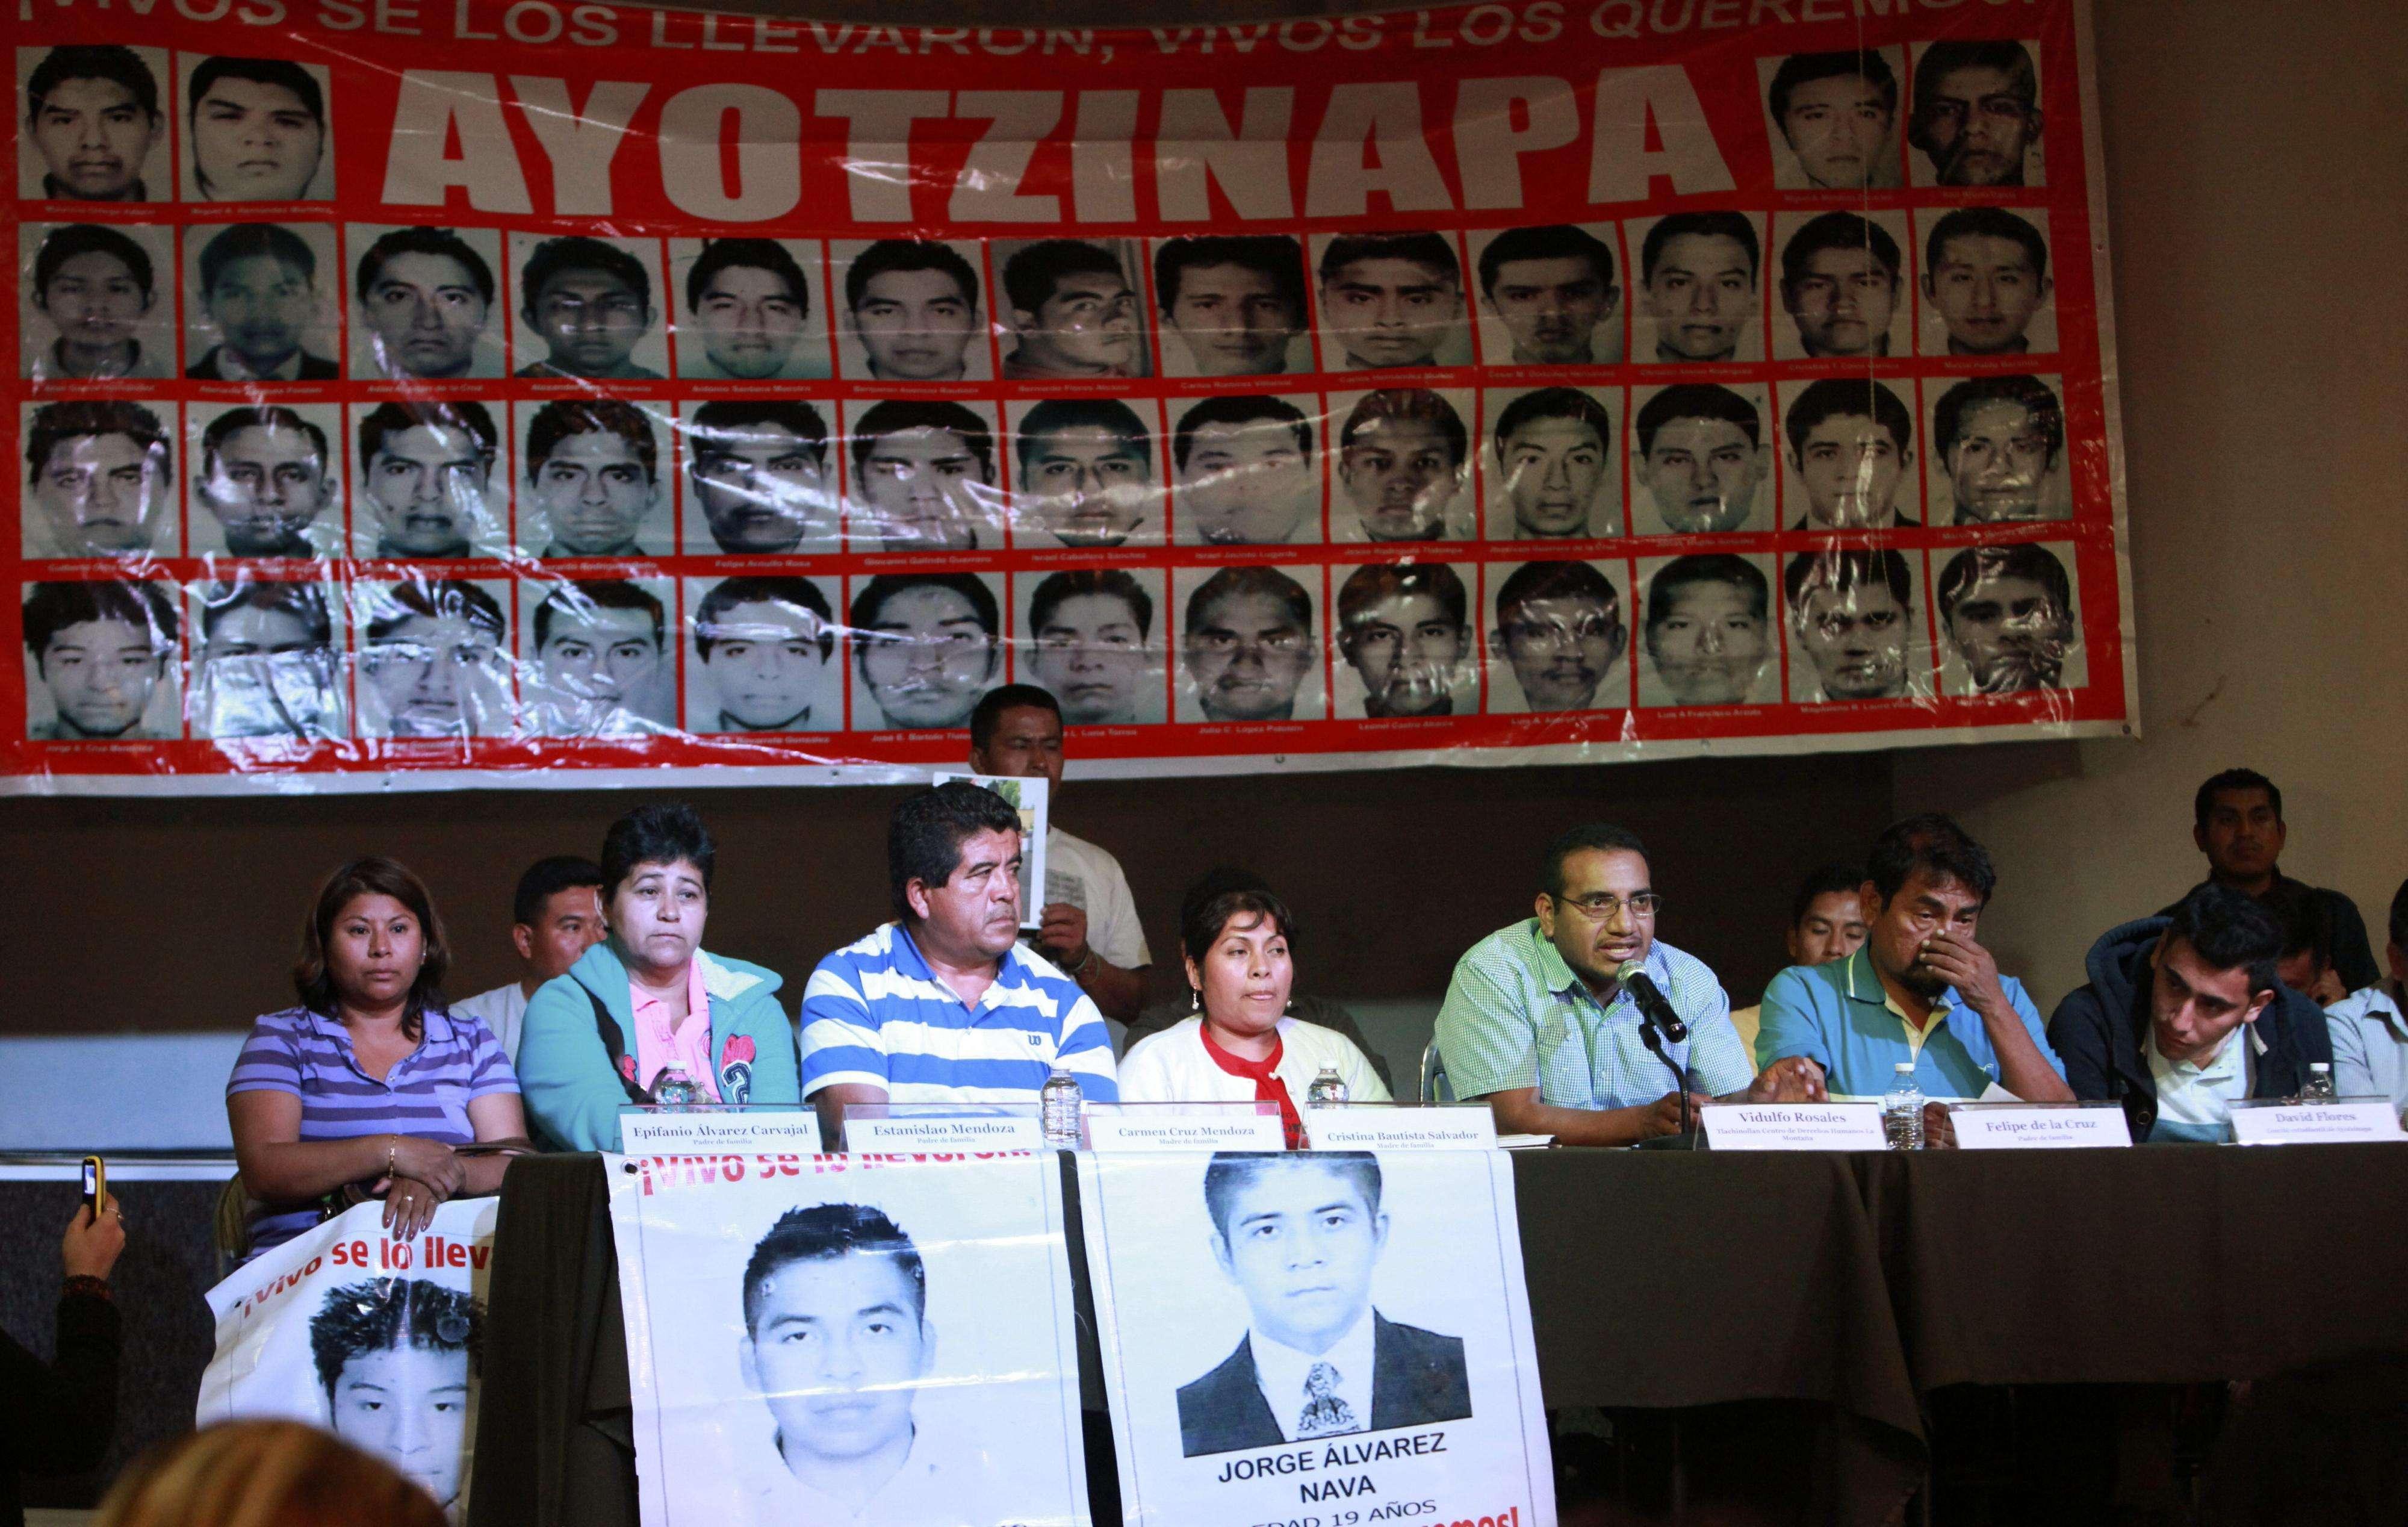 PADRES DICEN QUE FISCALÍA PRETENDE CERRAR CASO IGUALA SIN LLEGAR A LA VERDAD MEX25. CIUDAD DE MÉXICO (MÉXICO), 27/01/2015.- Los padres de los 43 jóvenes desaparecidos de la Normal Rural de Ayotzinapa participan hoy, martes 27 de enero de 2015, durante una rueda de prensa, en Ciudad de México, donde afirmaron que no hay pruebas científicas que confirmen que sus hijos fueron asesinados e incinerados, como lo asegura la fiscalía mexicana, a la que acusan de pretender cerrar el caso por la cercanía de las elecciones. EFE/Sáshenka Gutiérrez Foto: EFE en español